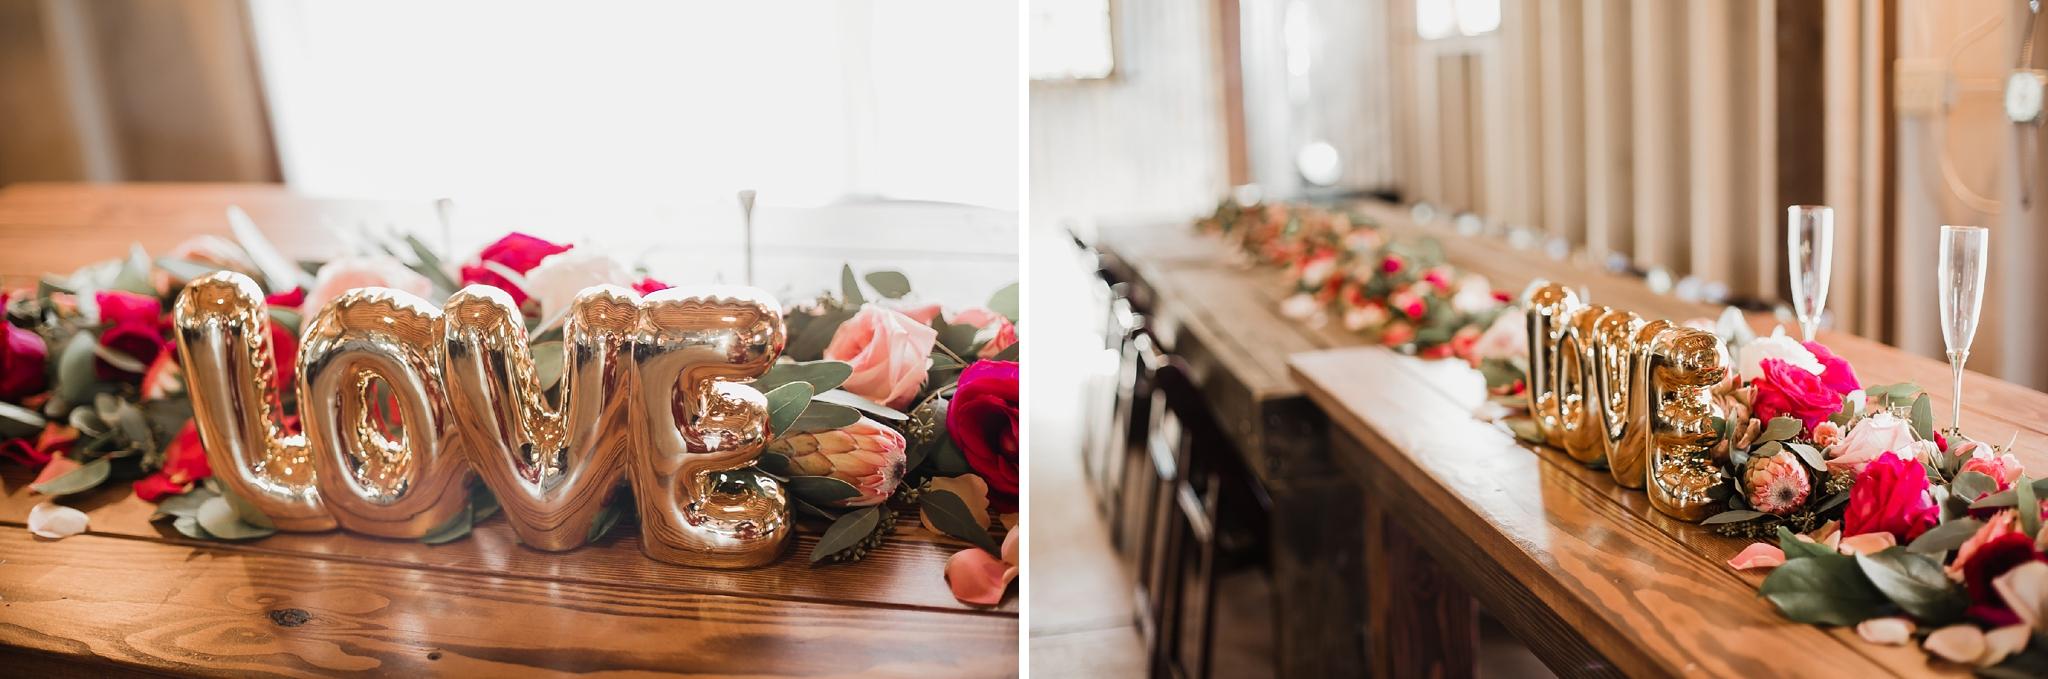 Alicia+lucia+photography+-+albuquerque+wedding+photographer+-+santa+fe+wedding+photography+-+new+mexico+wedding+photographer+-+new+mexico+wedding+-+new+mexico+wedding+-+barn+wedding+-+enchanted+vine+barn+wedding+-+ruidoso+wedding_0045.jpg